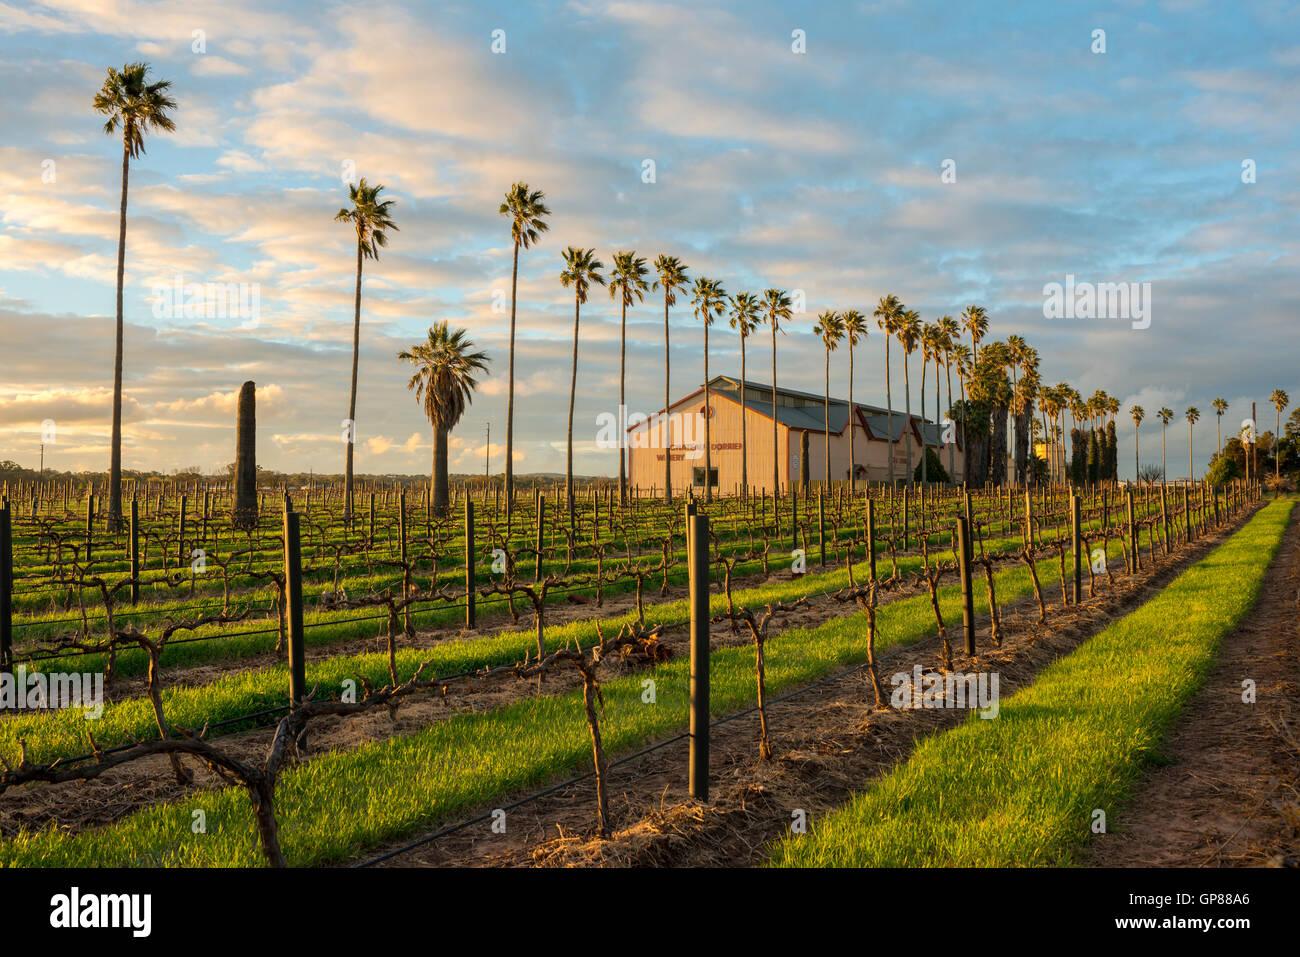 Einem Tanunda Weingut und Weinberg bei Sonnenuntergang im Barossa Valley in Australien Stockbild